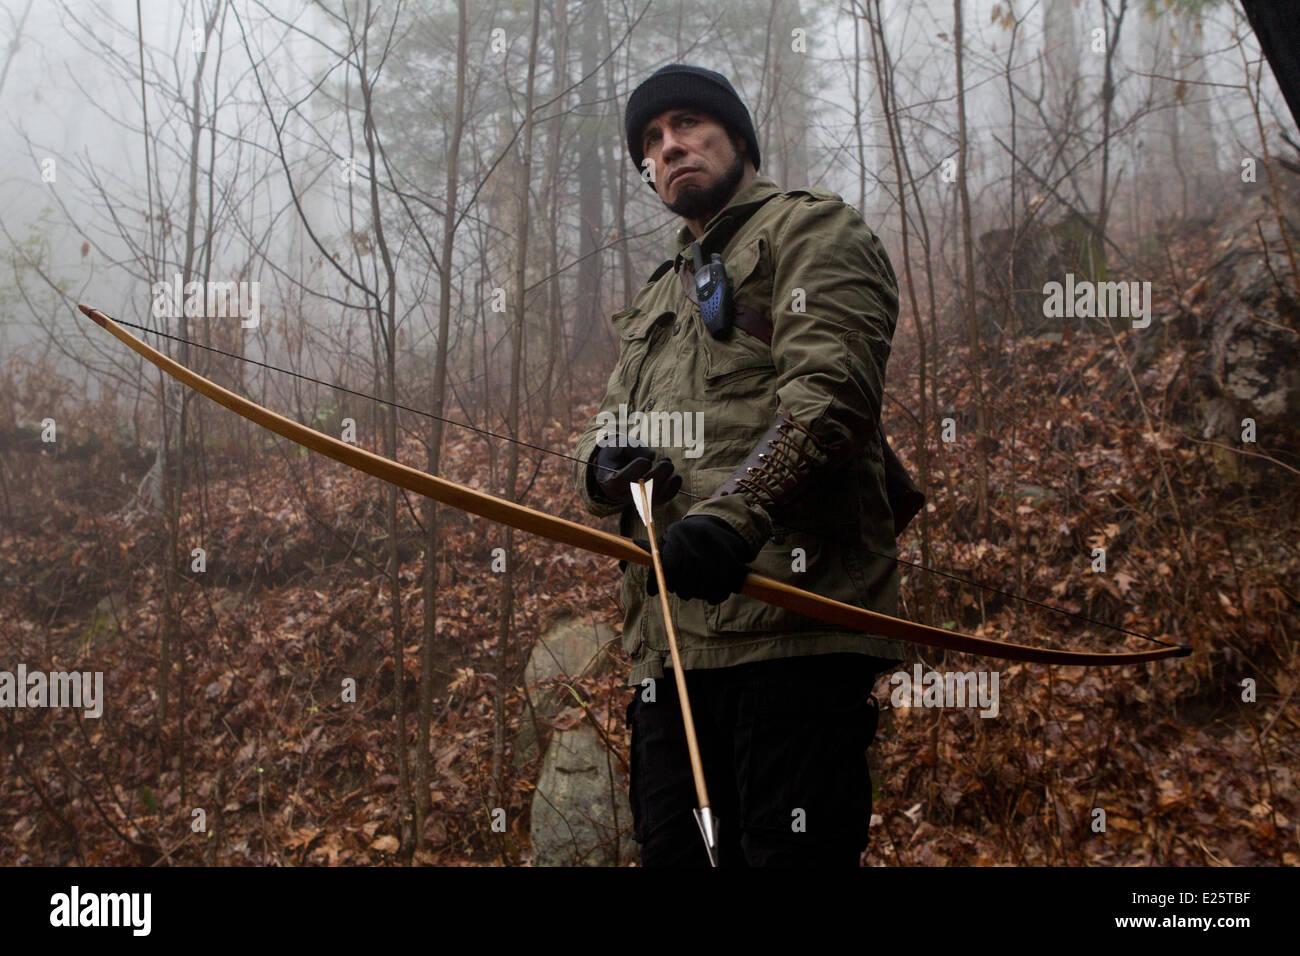 Download Film Killing Season 2013